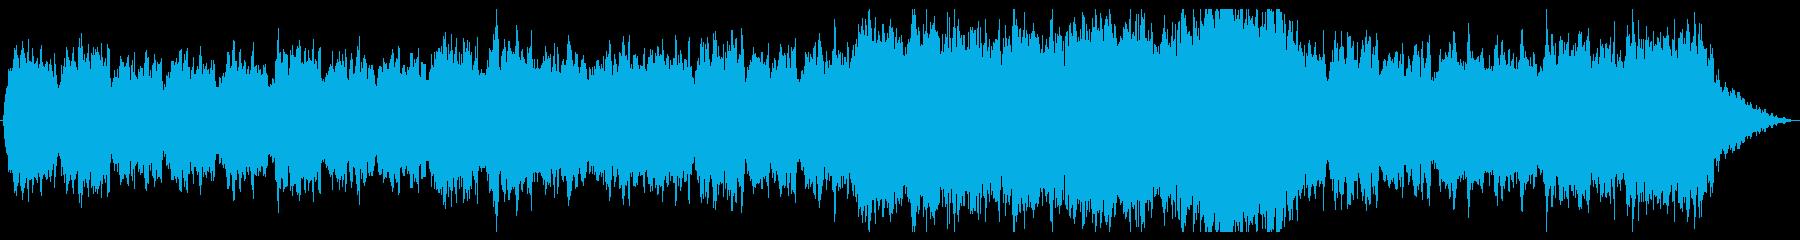 ドローン・壮大・リラックス・夜明け・NRの再生済みの波形